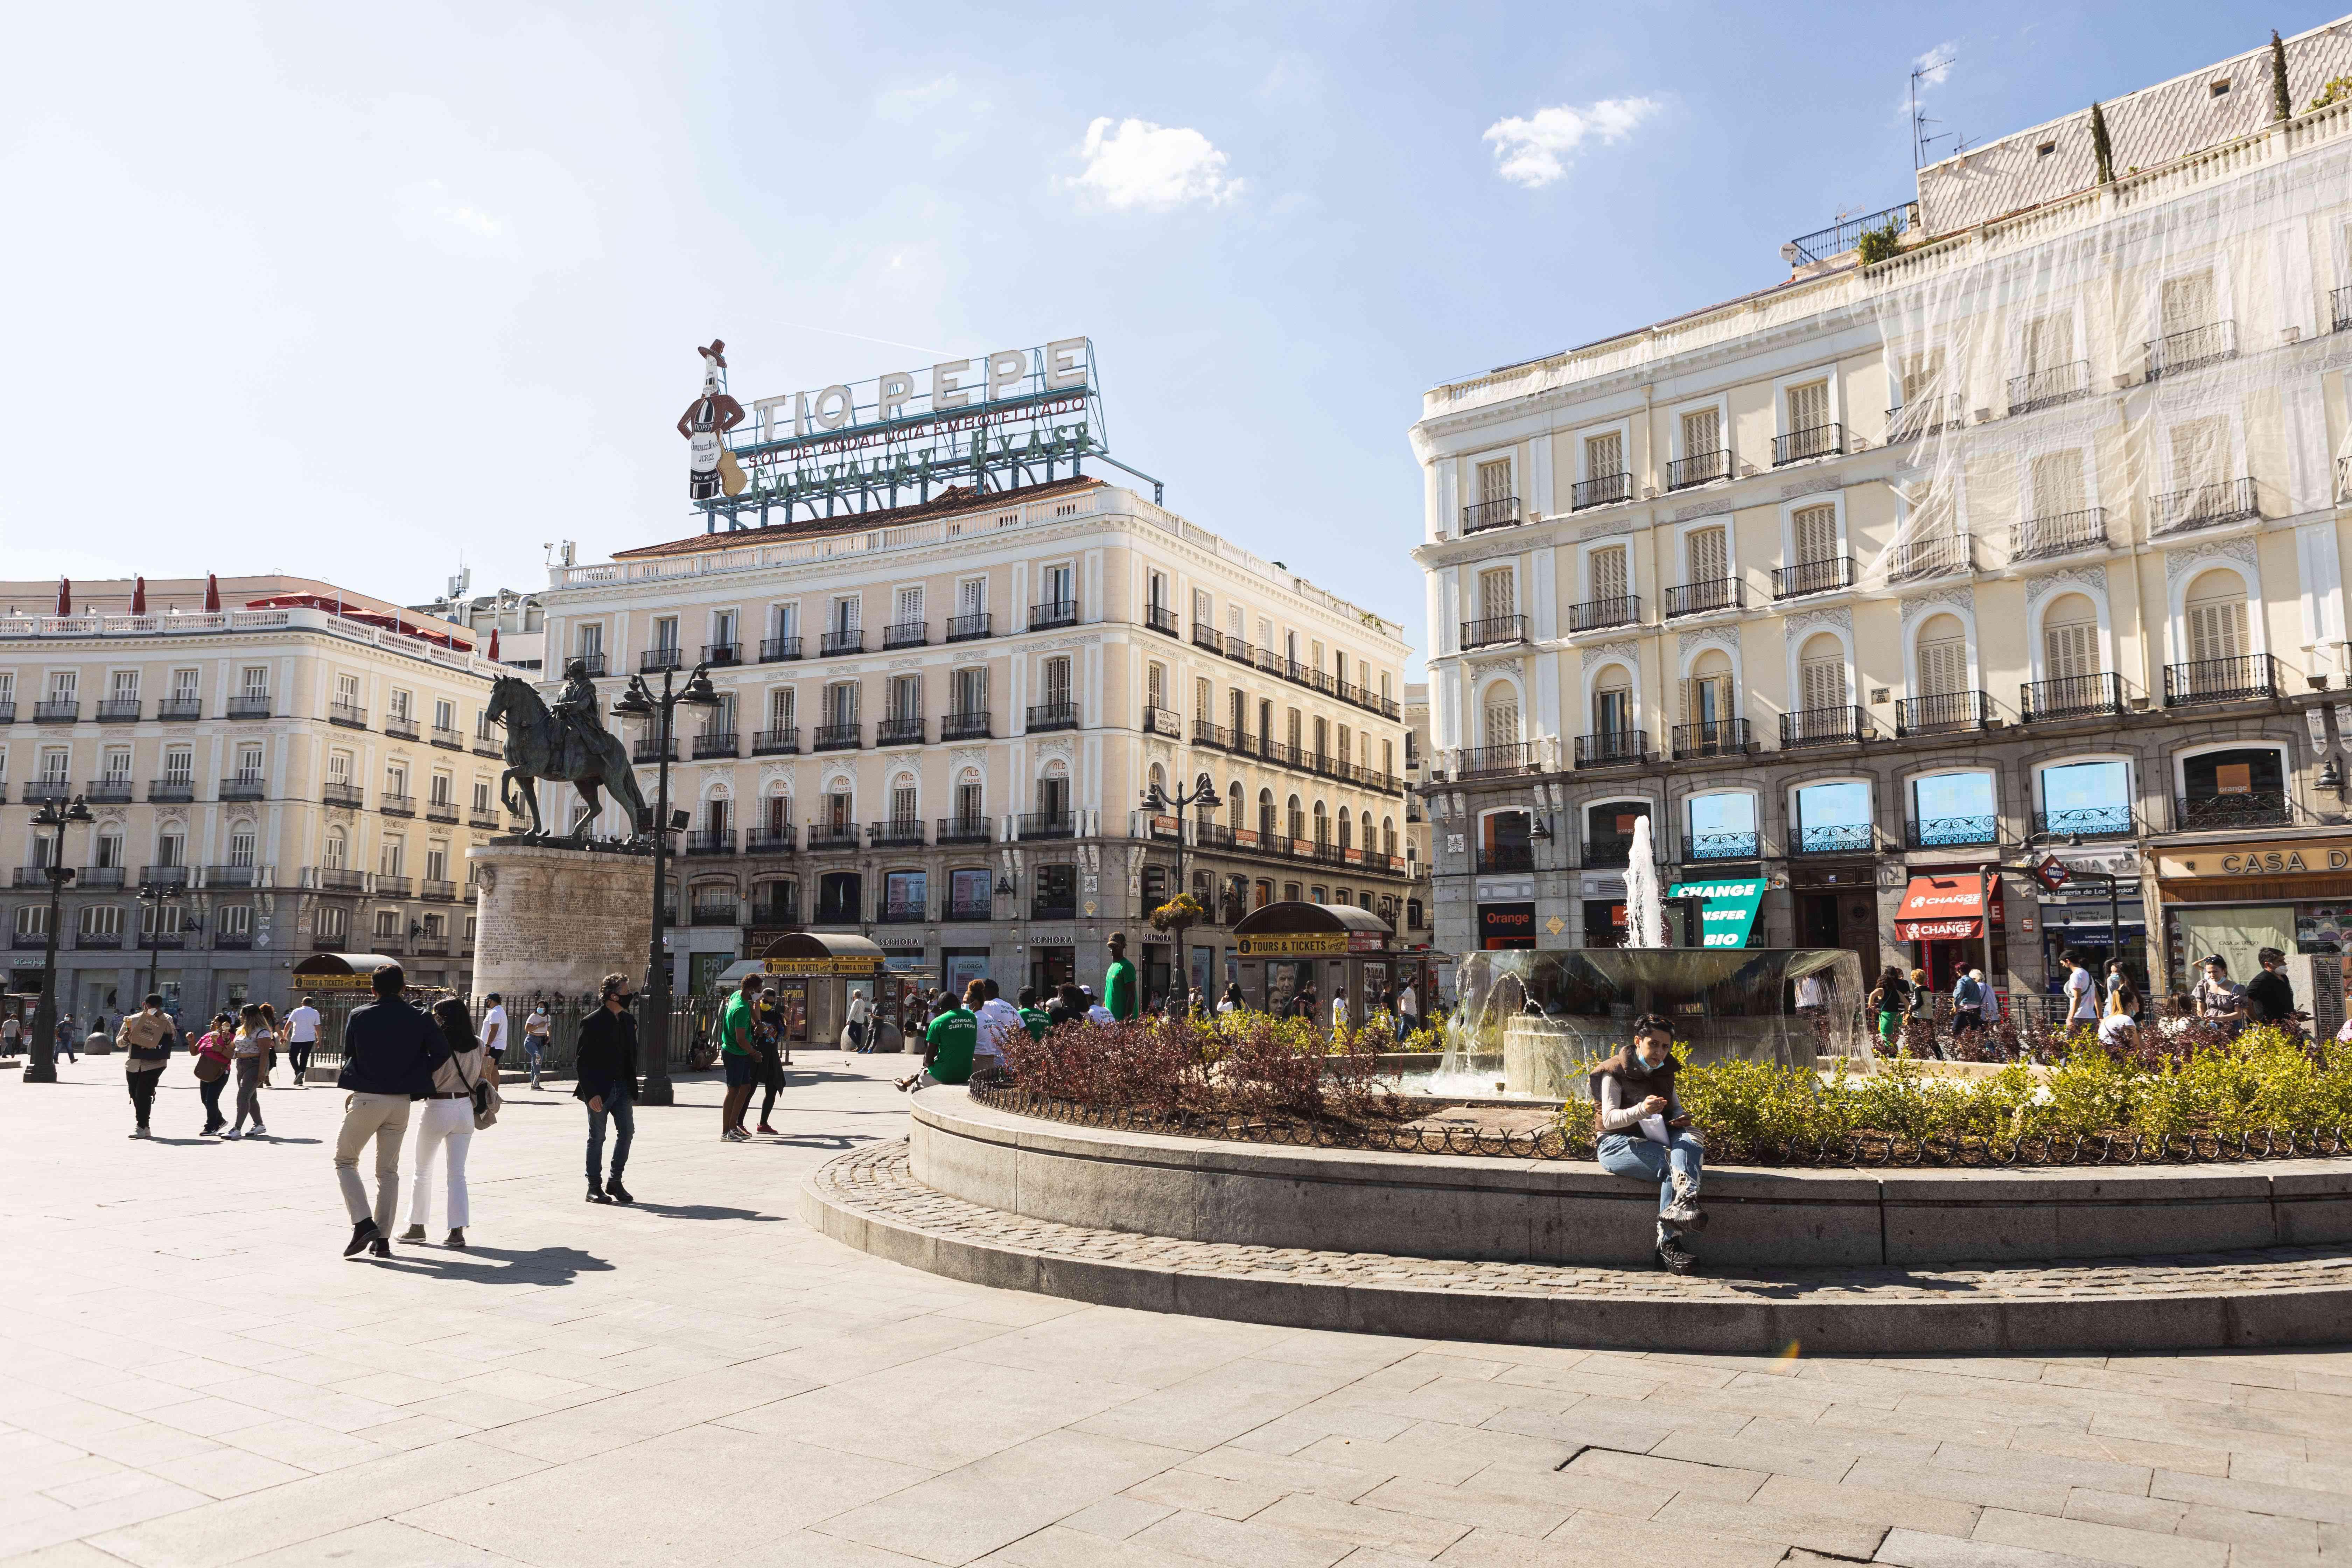 Puerta del Sol square in Madrid, Spain